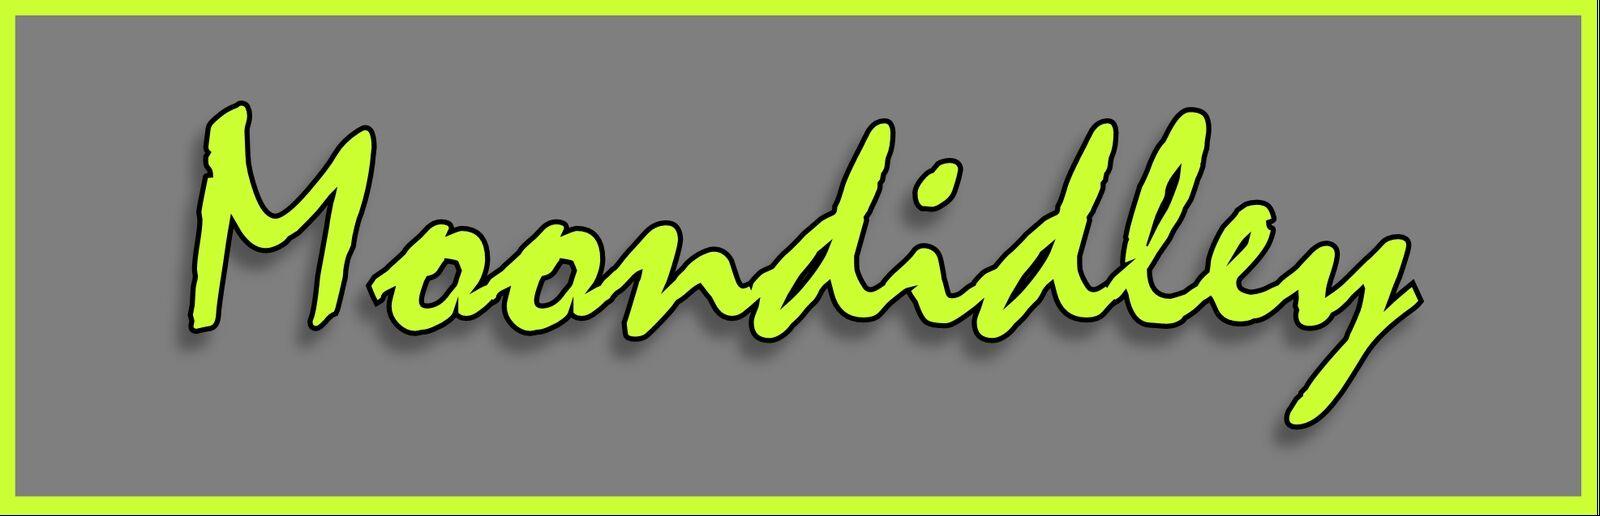 Moondidley